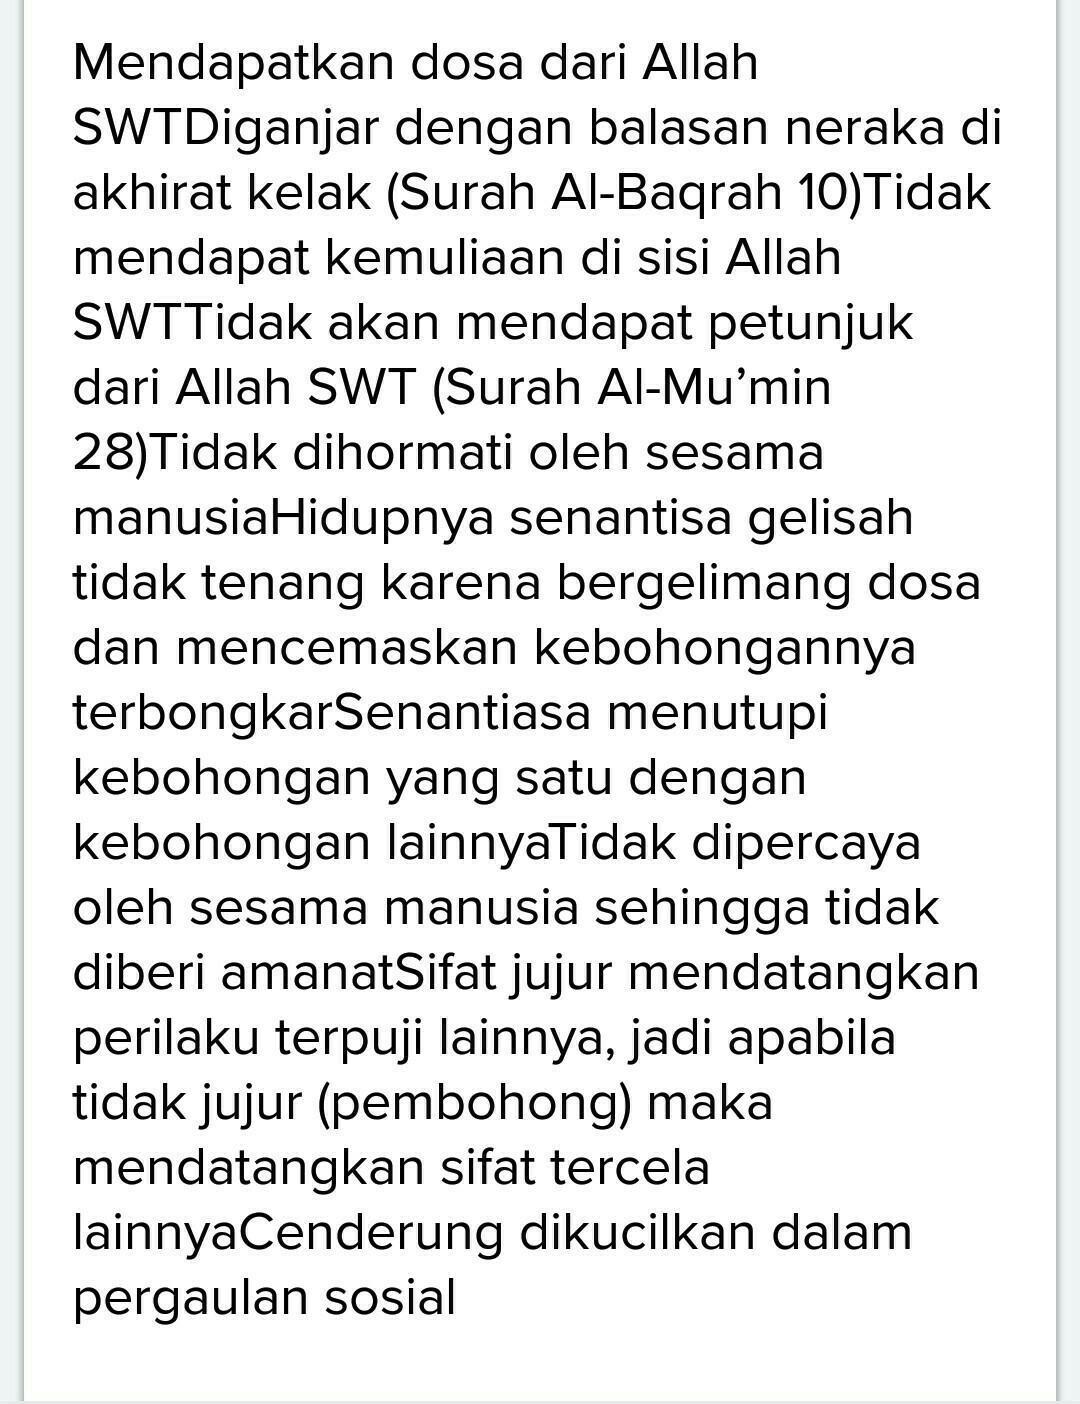 Kejujuran dalam Islam dan Dalilnya - DalamIslam.com